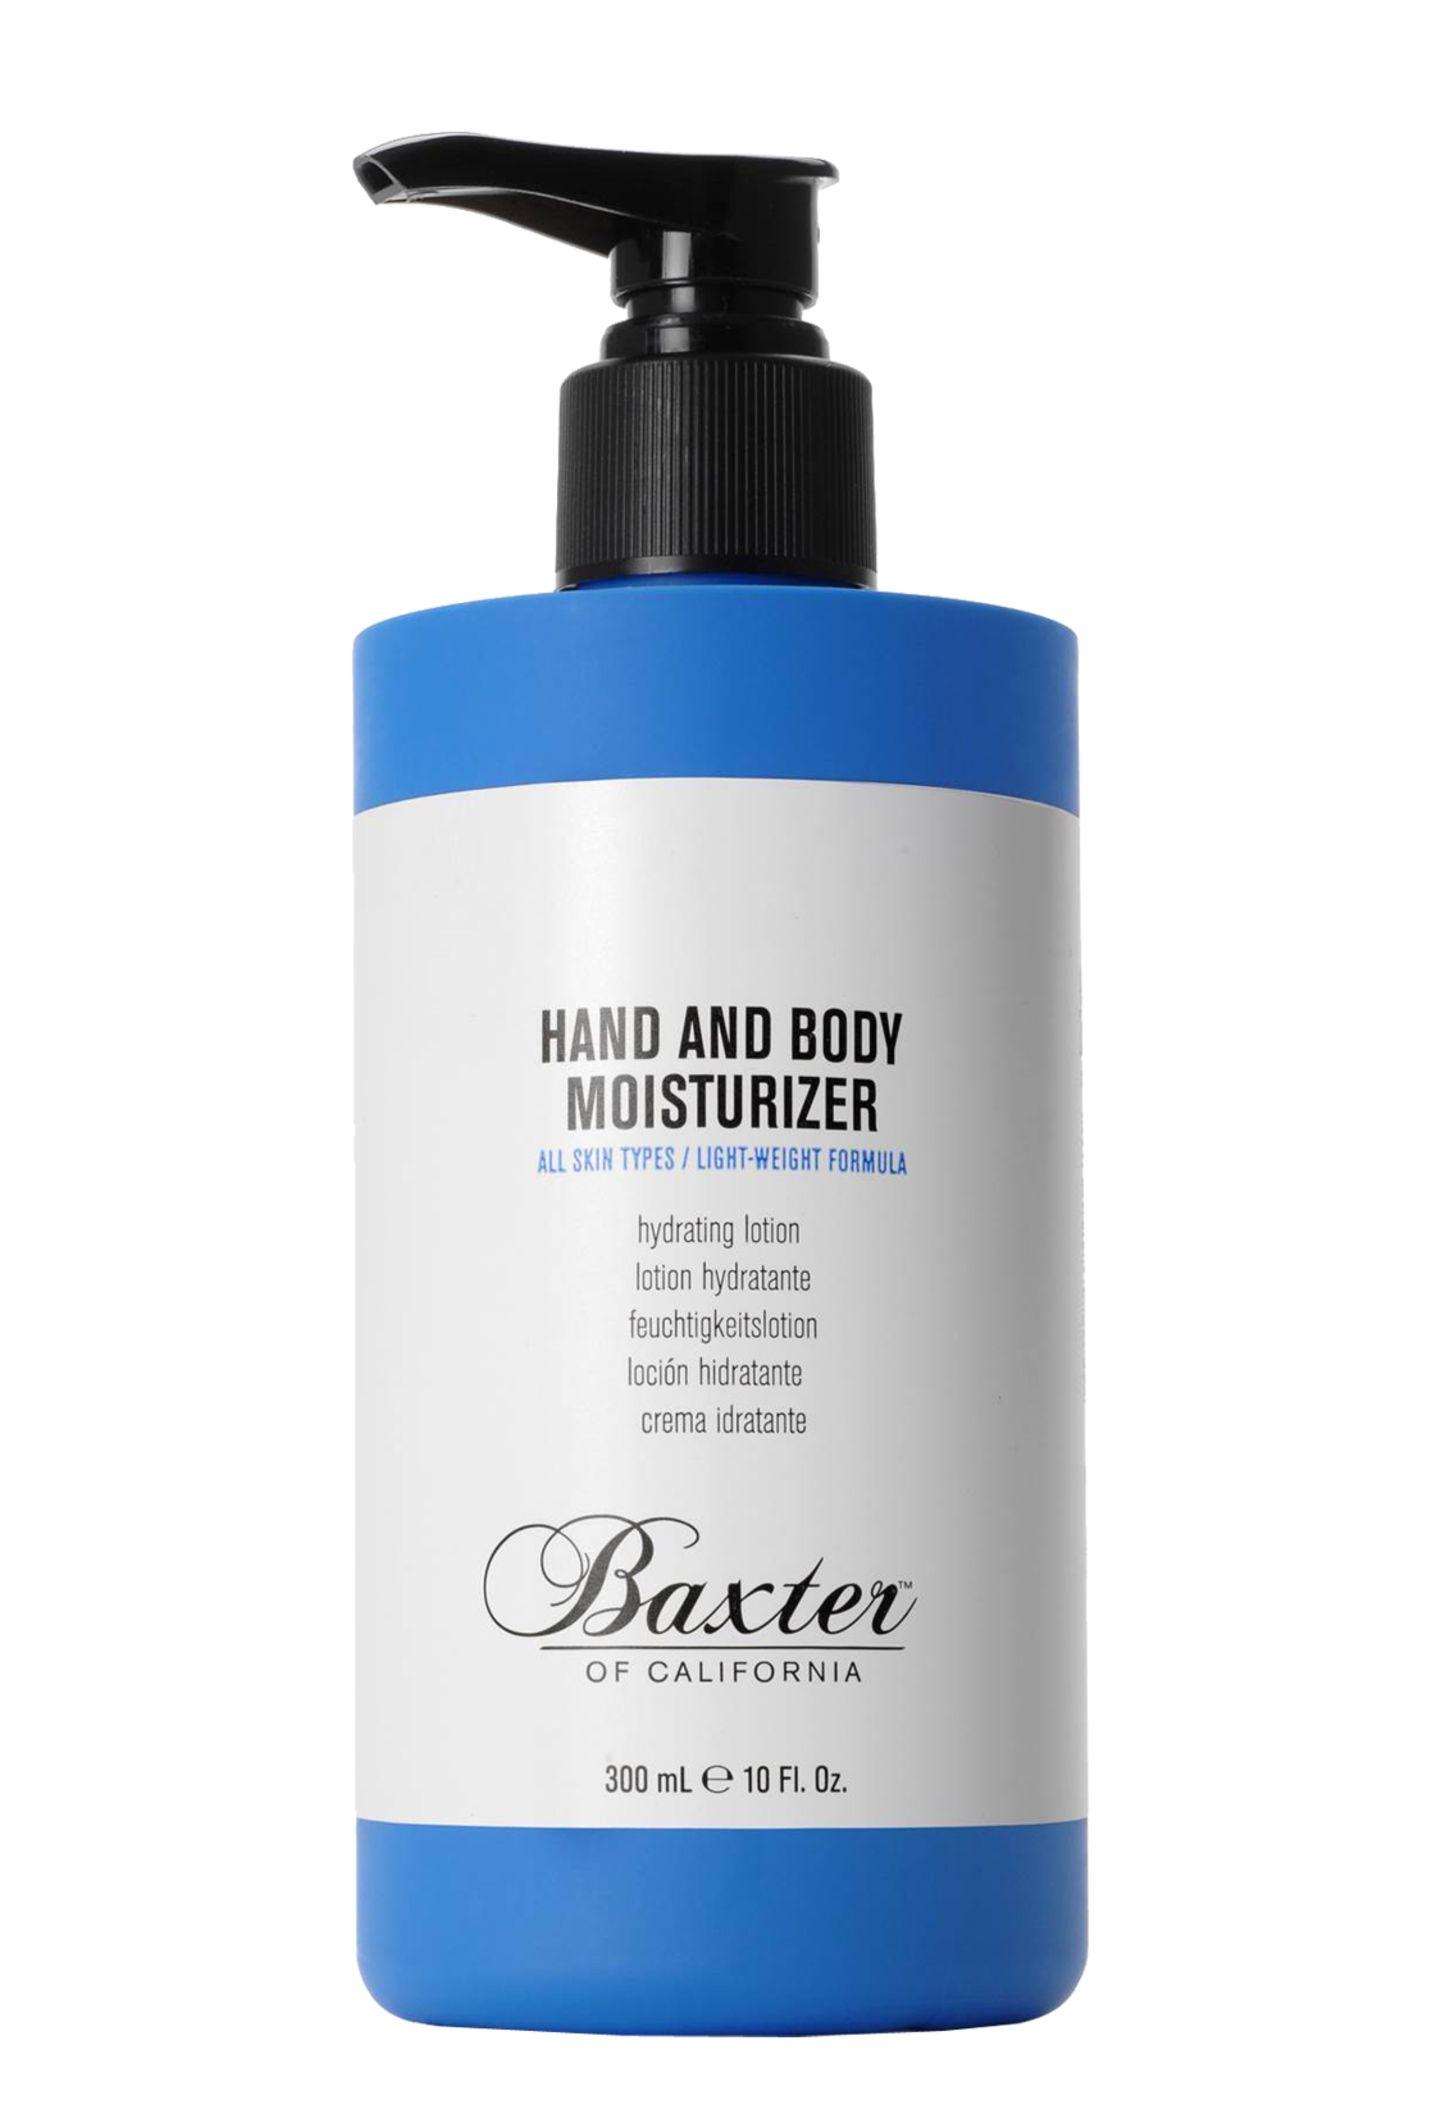 """Praktische Multipflege: """"Hand and Body Moisturizer"""" von Baxter of California, 300 ml, ca. 20 Euro"""